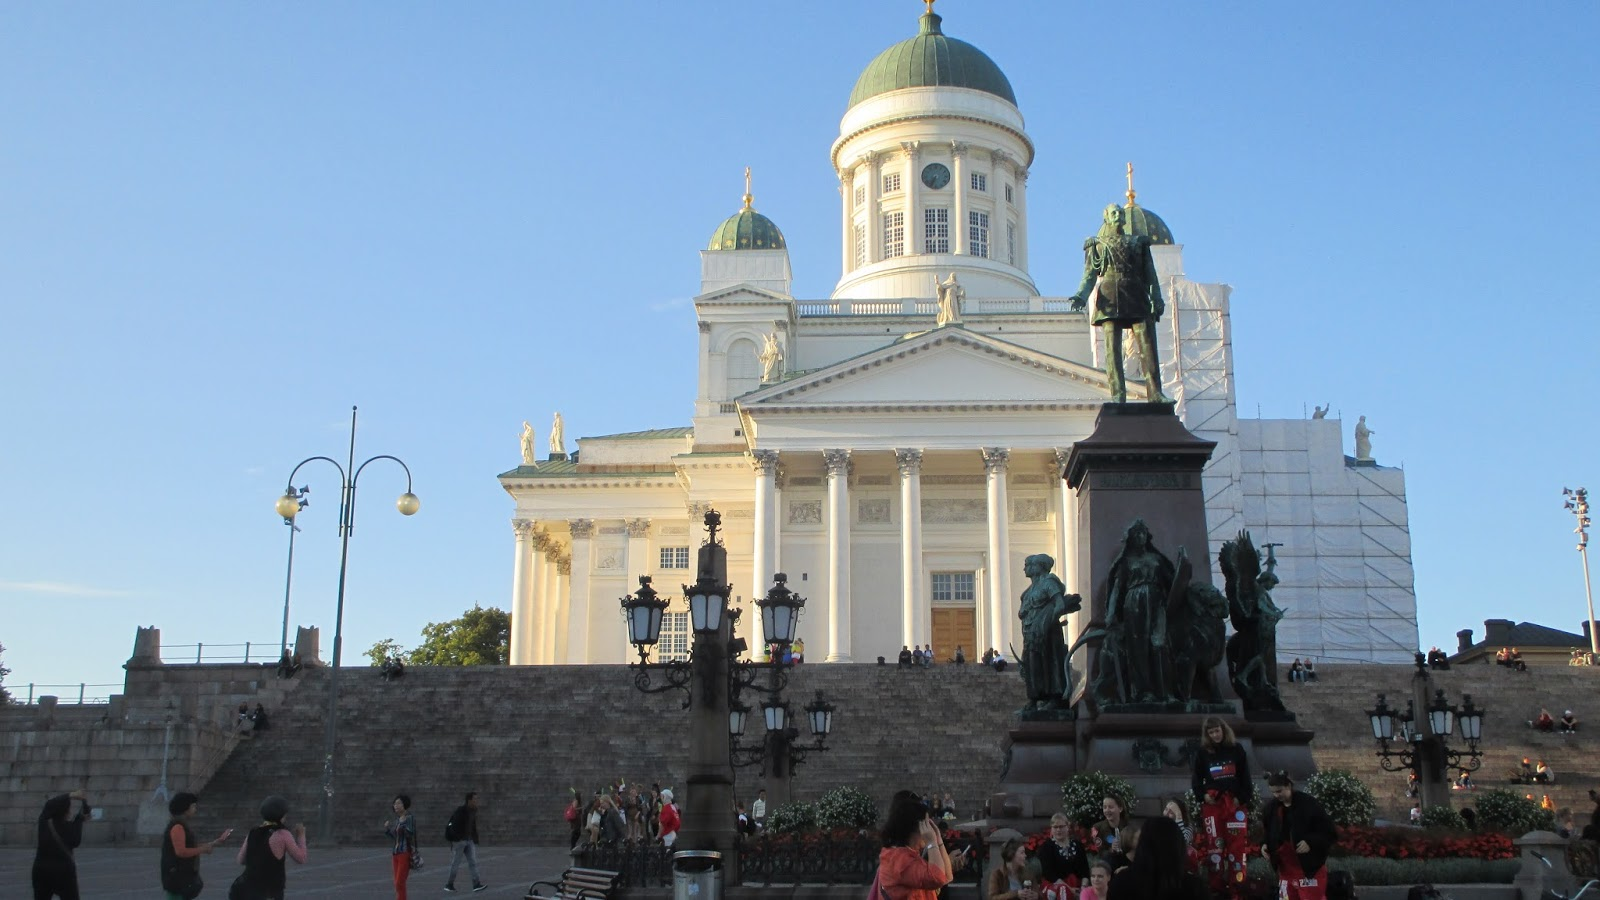 Viaggi con ricordi finlandia un 39 oasi di pace tra casette for Capitale finlandese